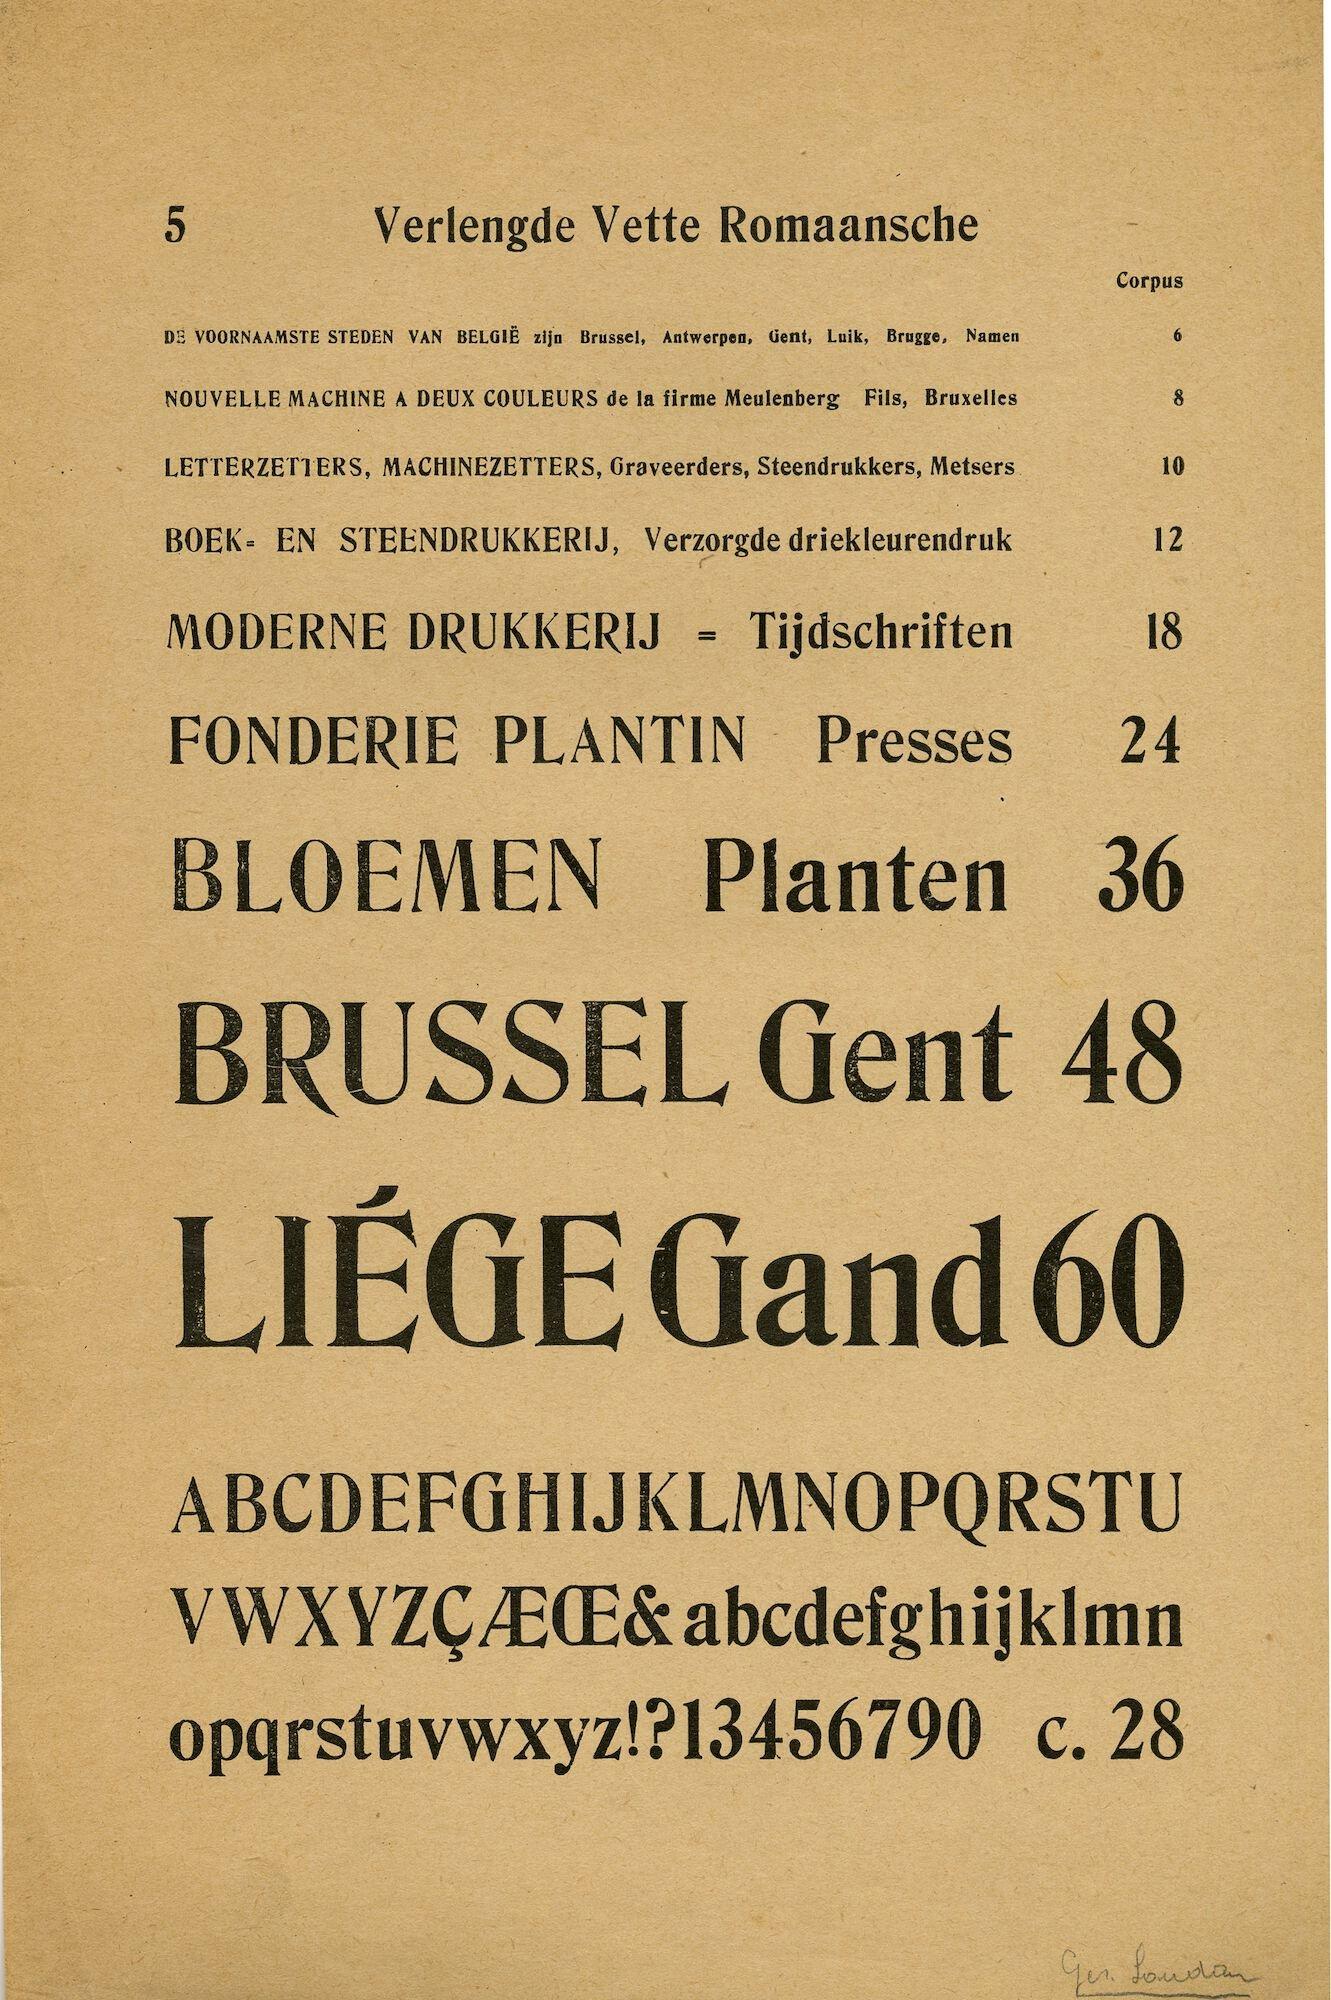 Letterproef van het lettertype Verlengde Vette Romaansche